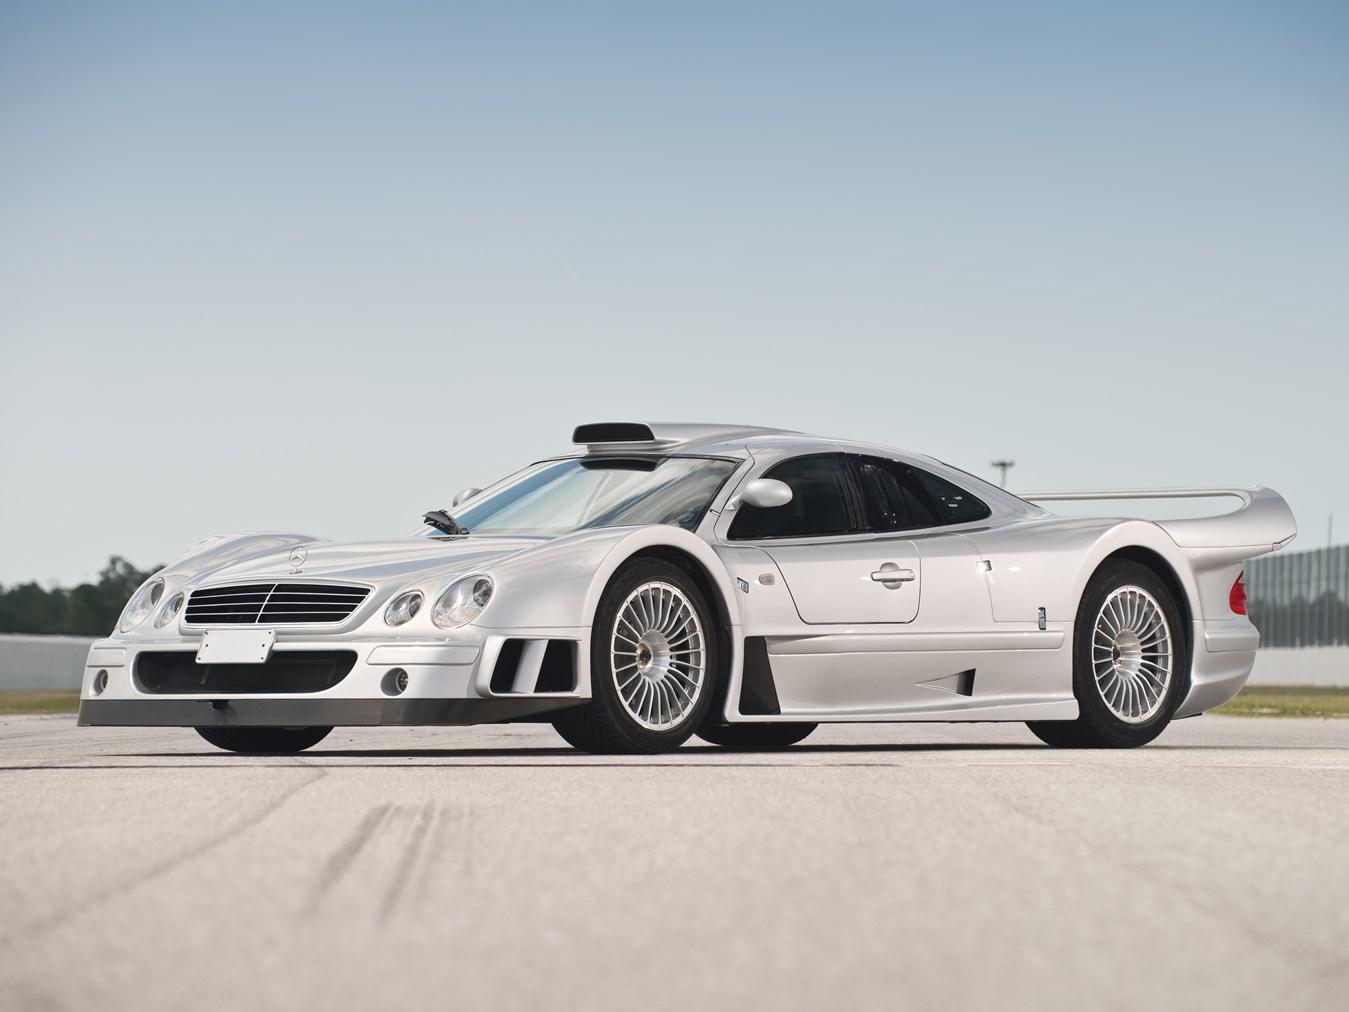 1998 Mercedes CLK GTR front 3/4